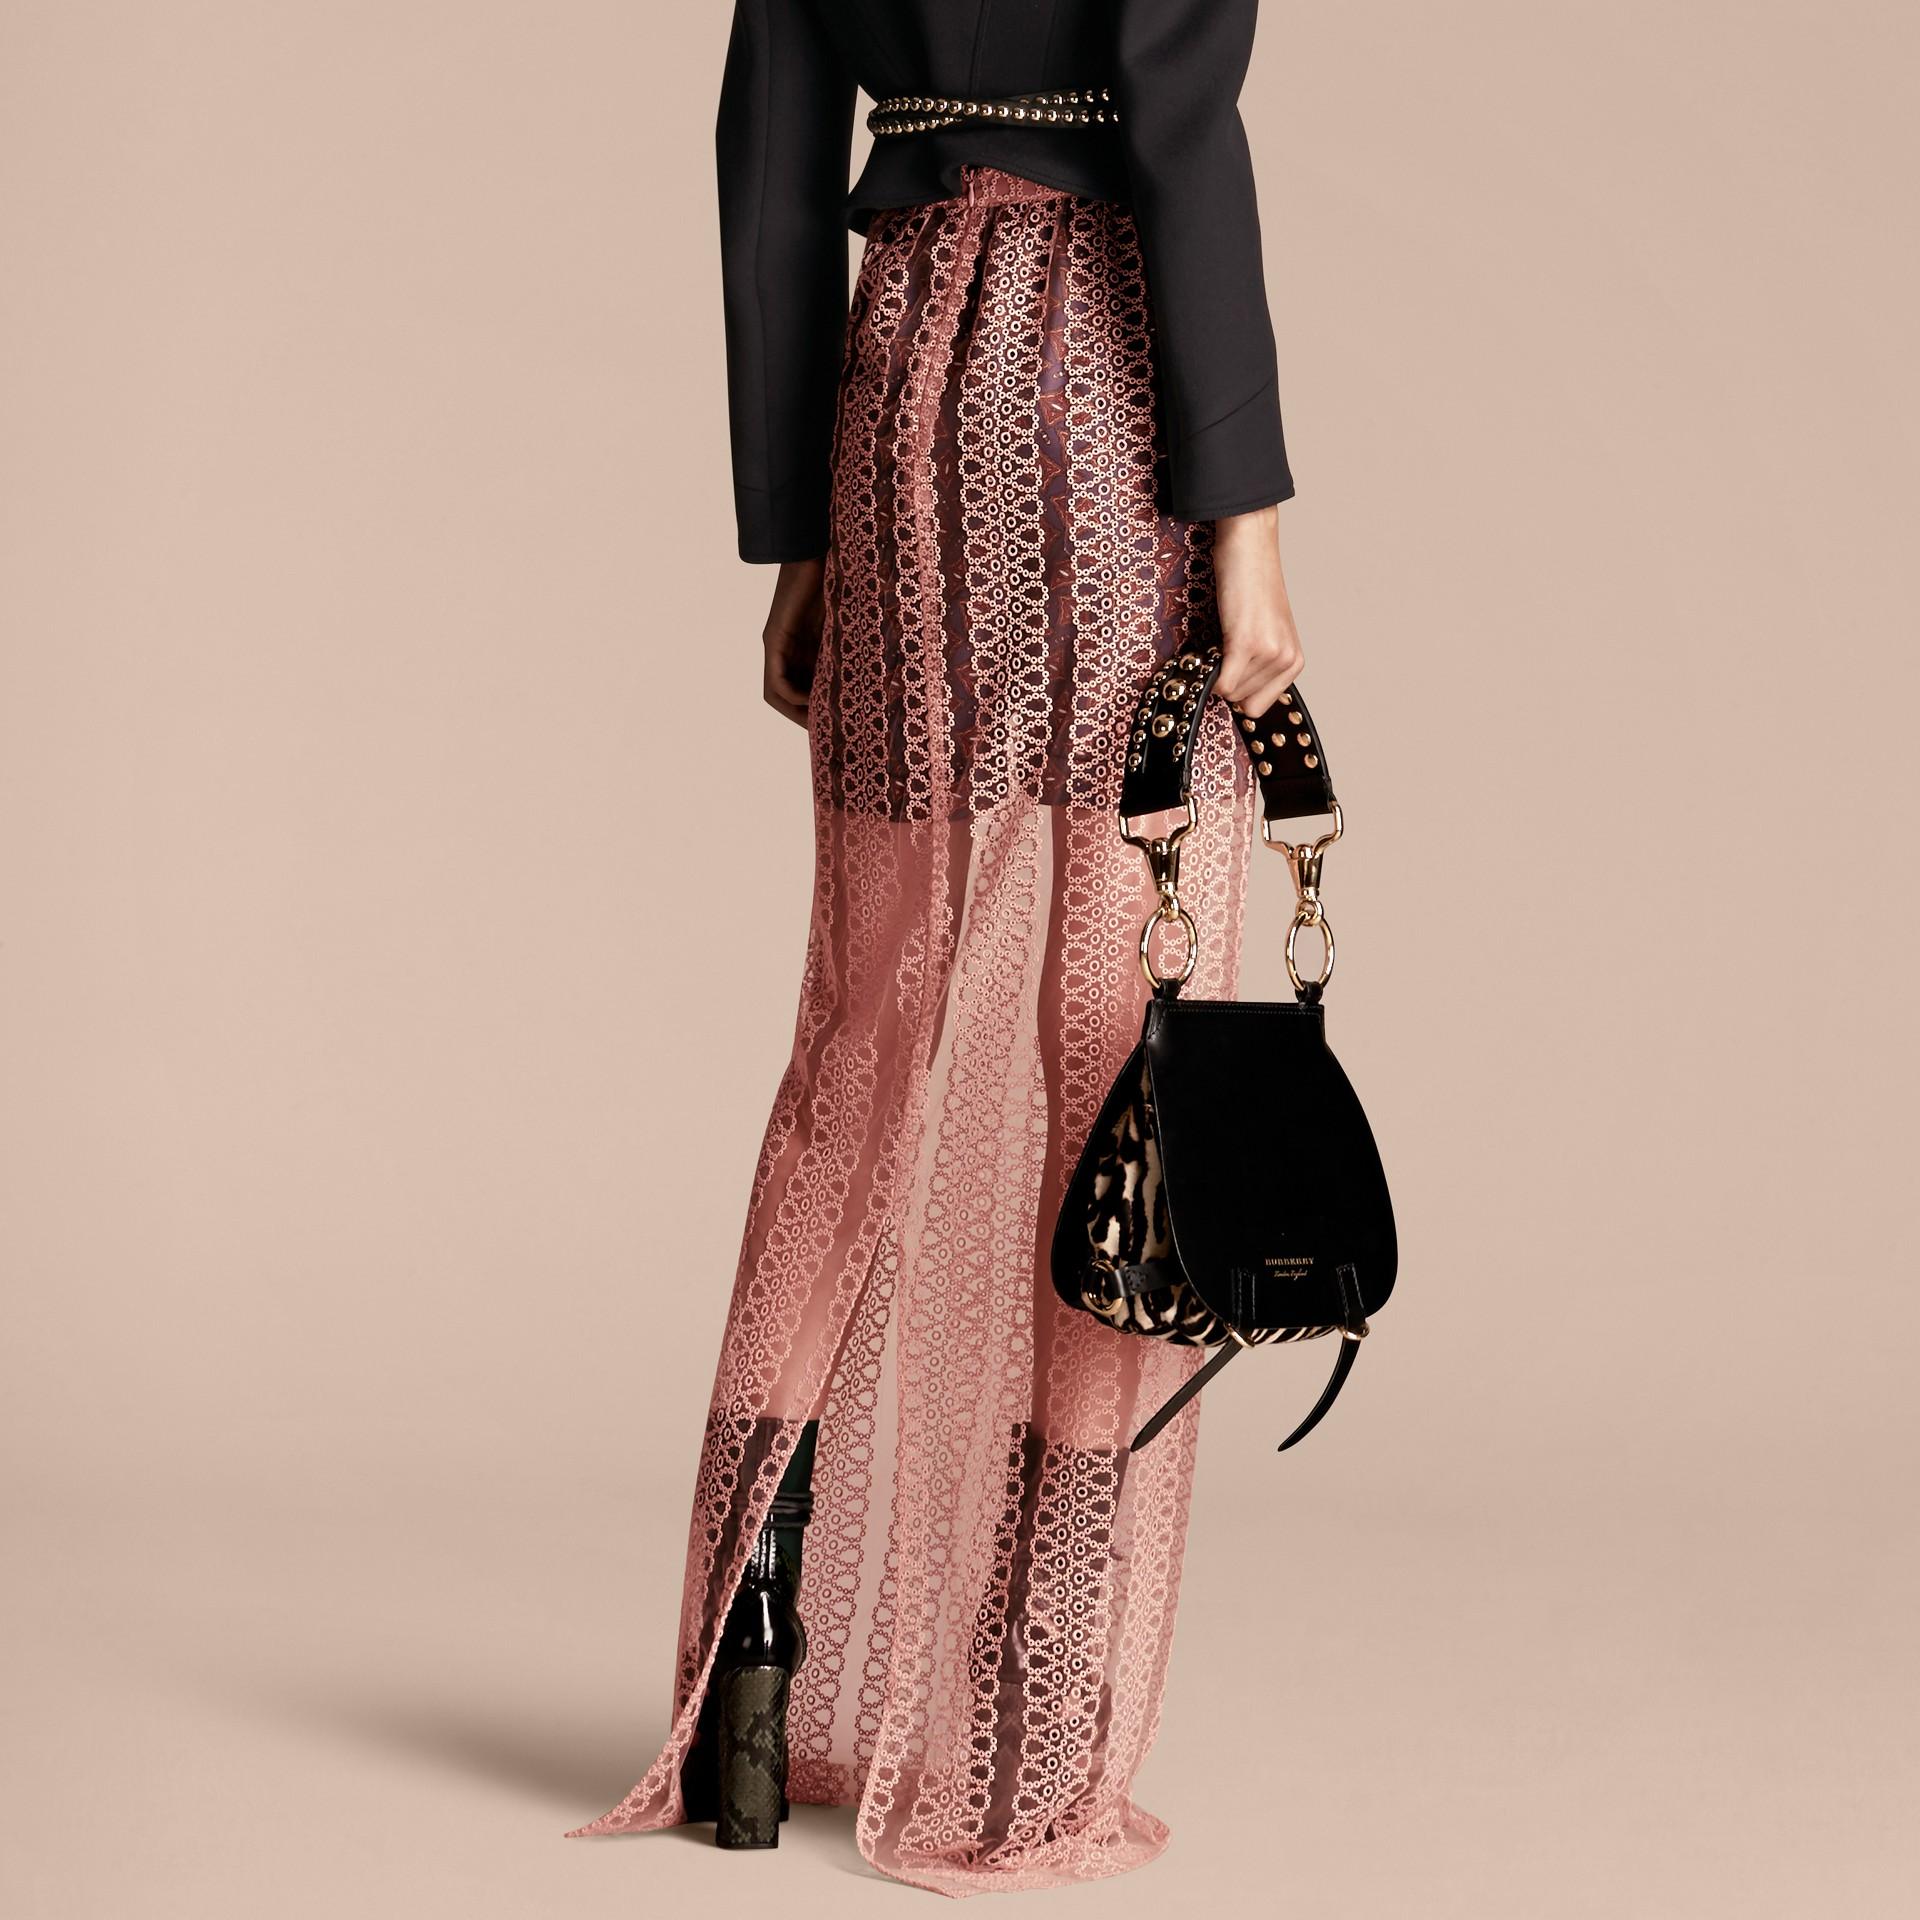 Rosa claro Saia estilo coluna de tule com faixas de bordado - galeria de imagens 3